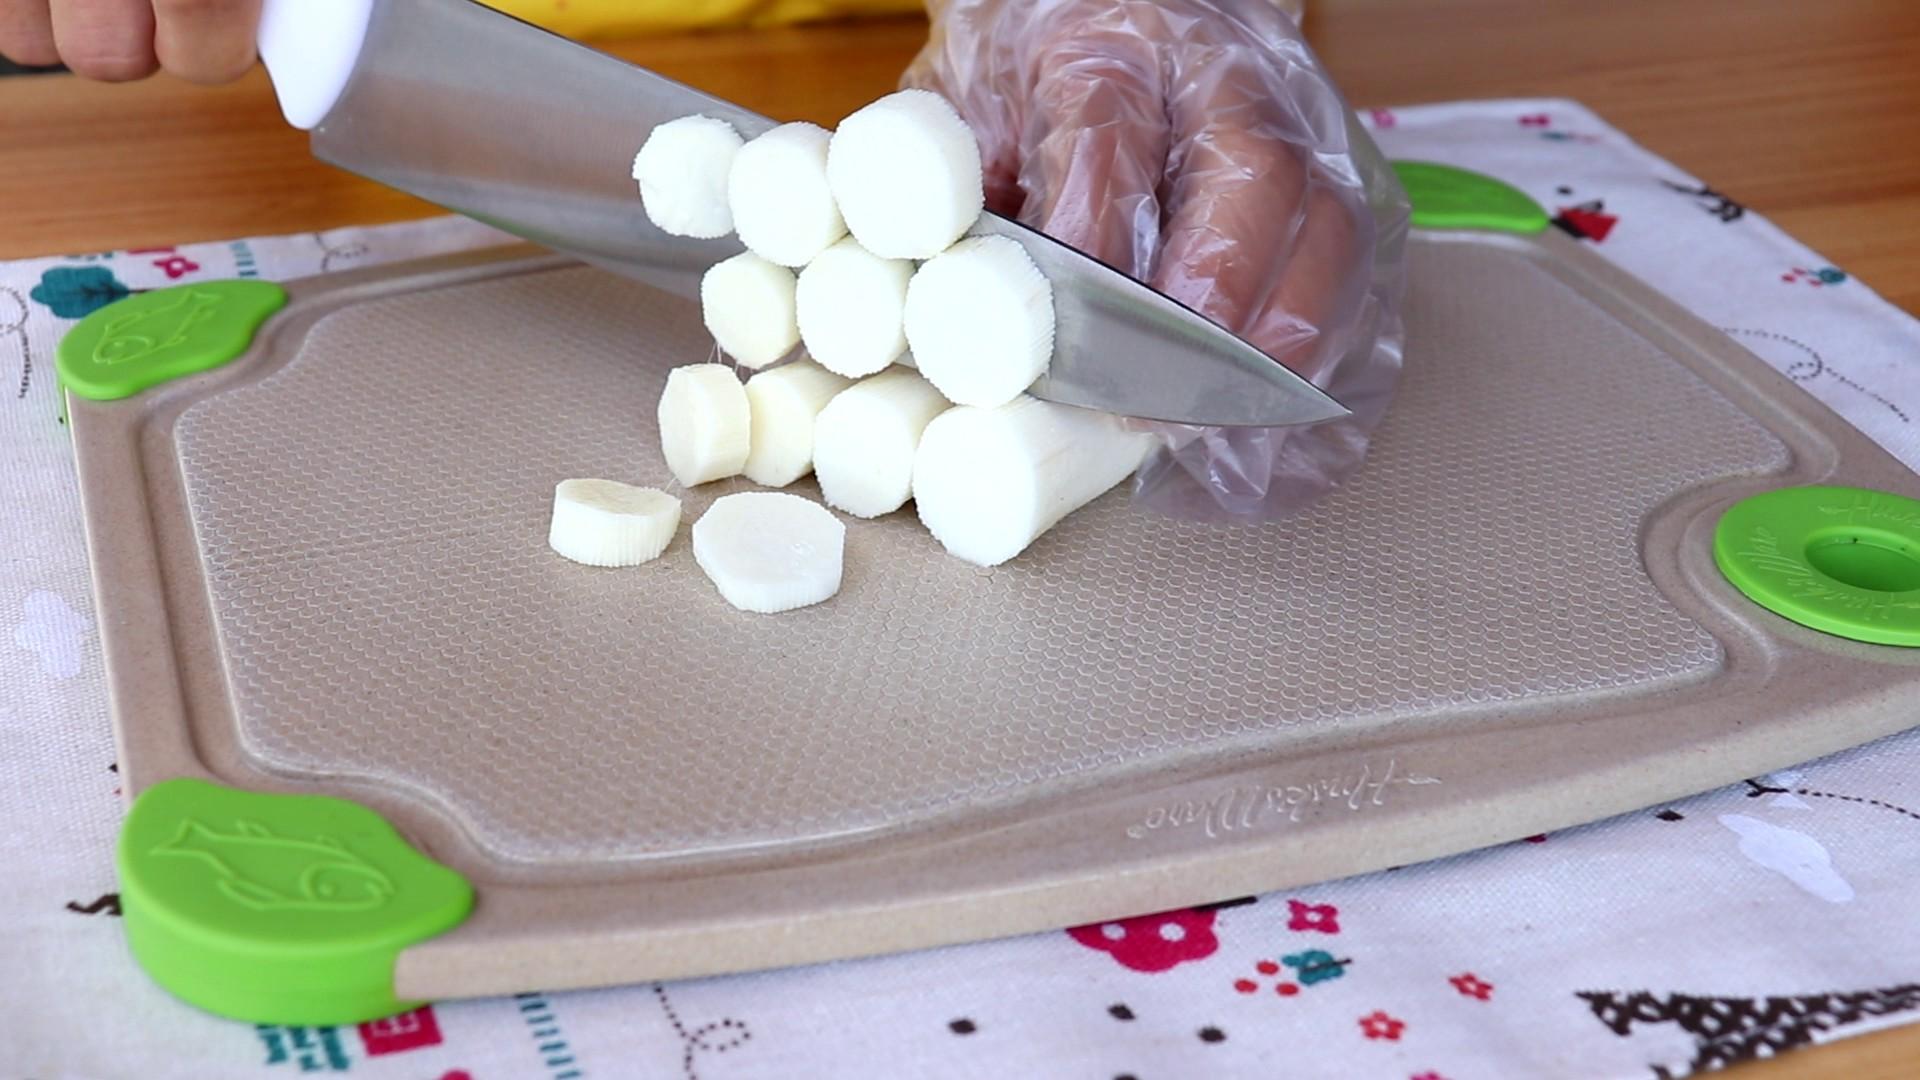 山药鸡蛋蒸糕,将山药切片,放入搅拌杯中</p> <p>tips:这里提醒大家给山药去皮时带上手套,以免山药的粘液沾到手上,引起发痒</p> <p>